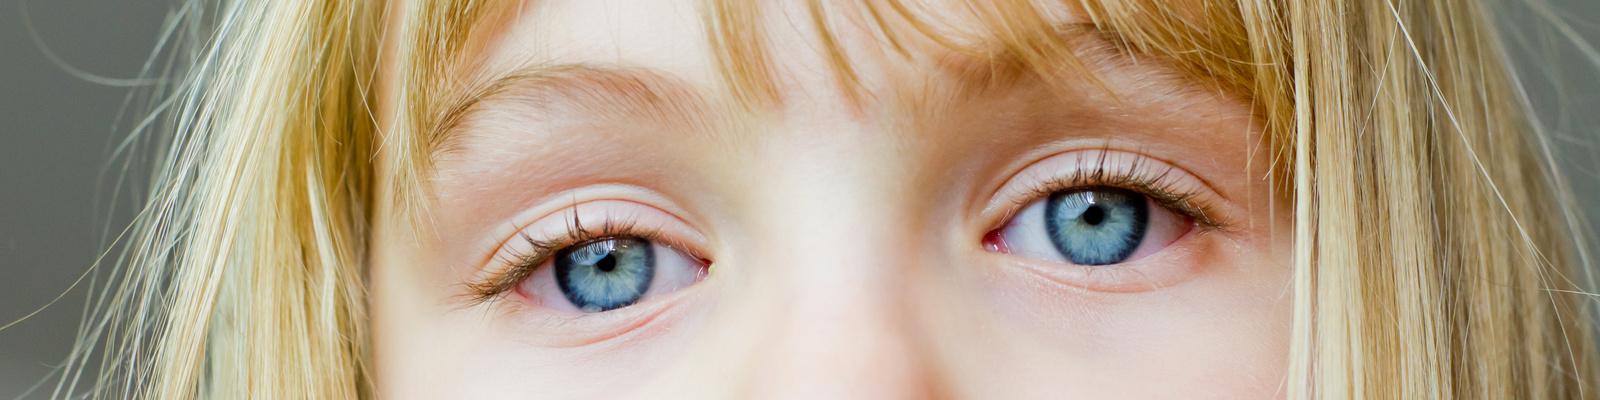 Wahnsinns Augen